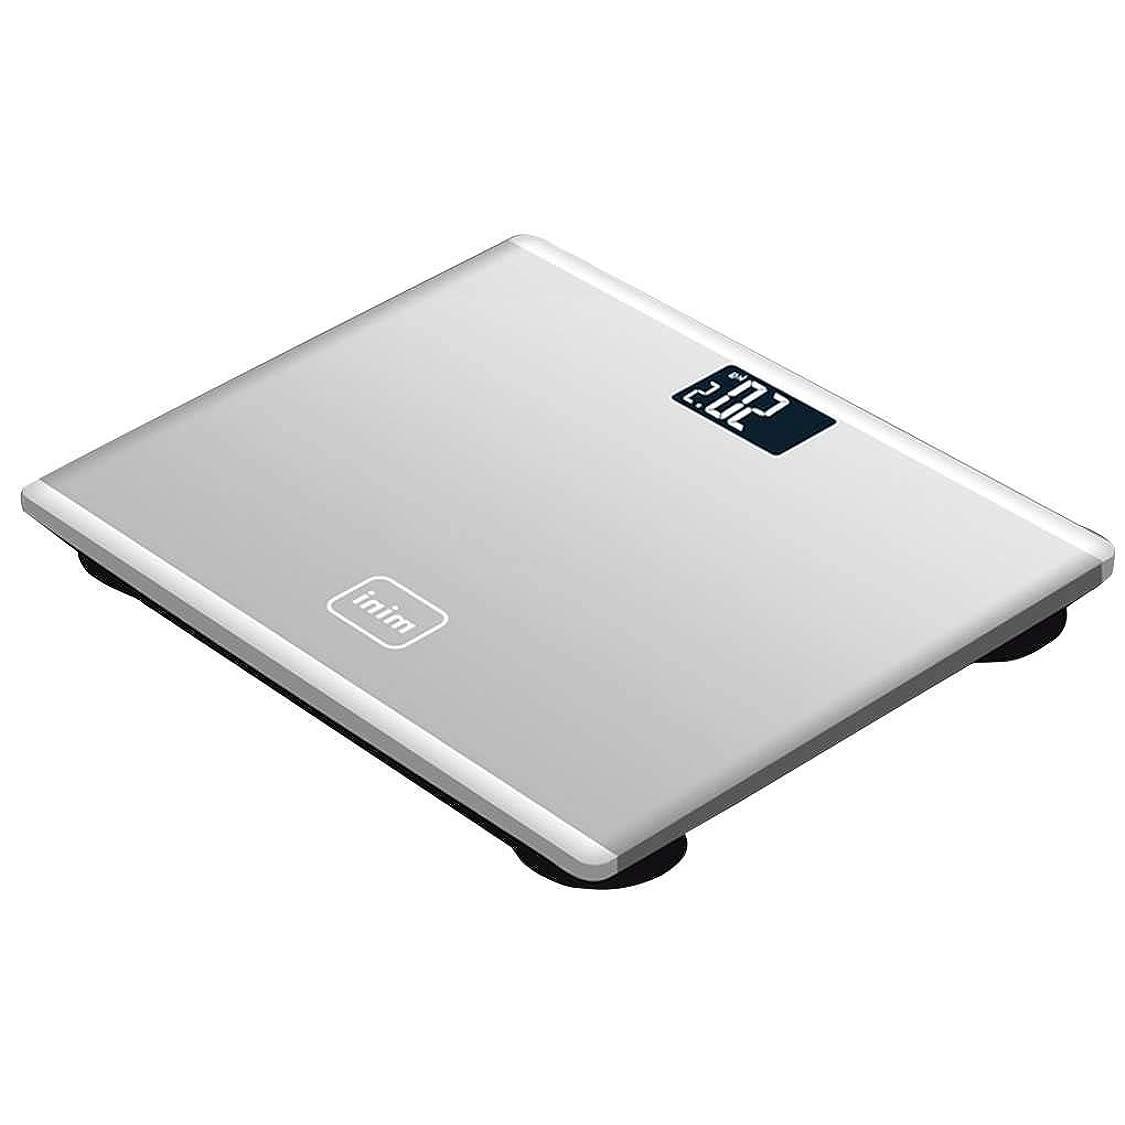 取るに足らないキャンディーモールKOROWA体重計 体重スケール 健康測定 デジタルボディスケール(バッテリー無し)